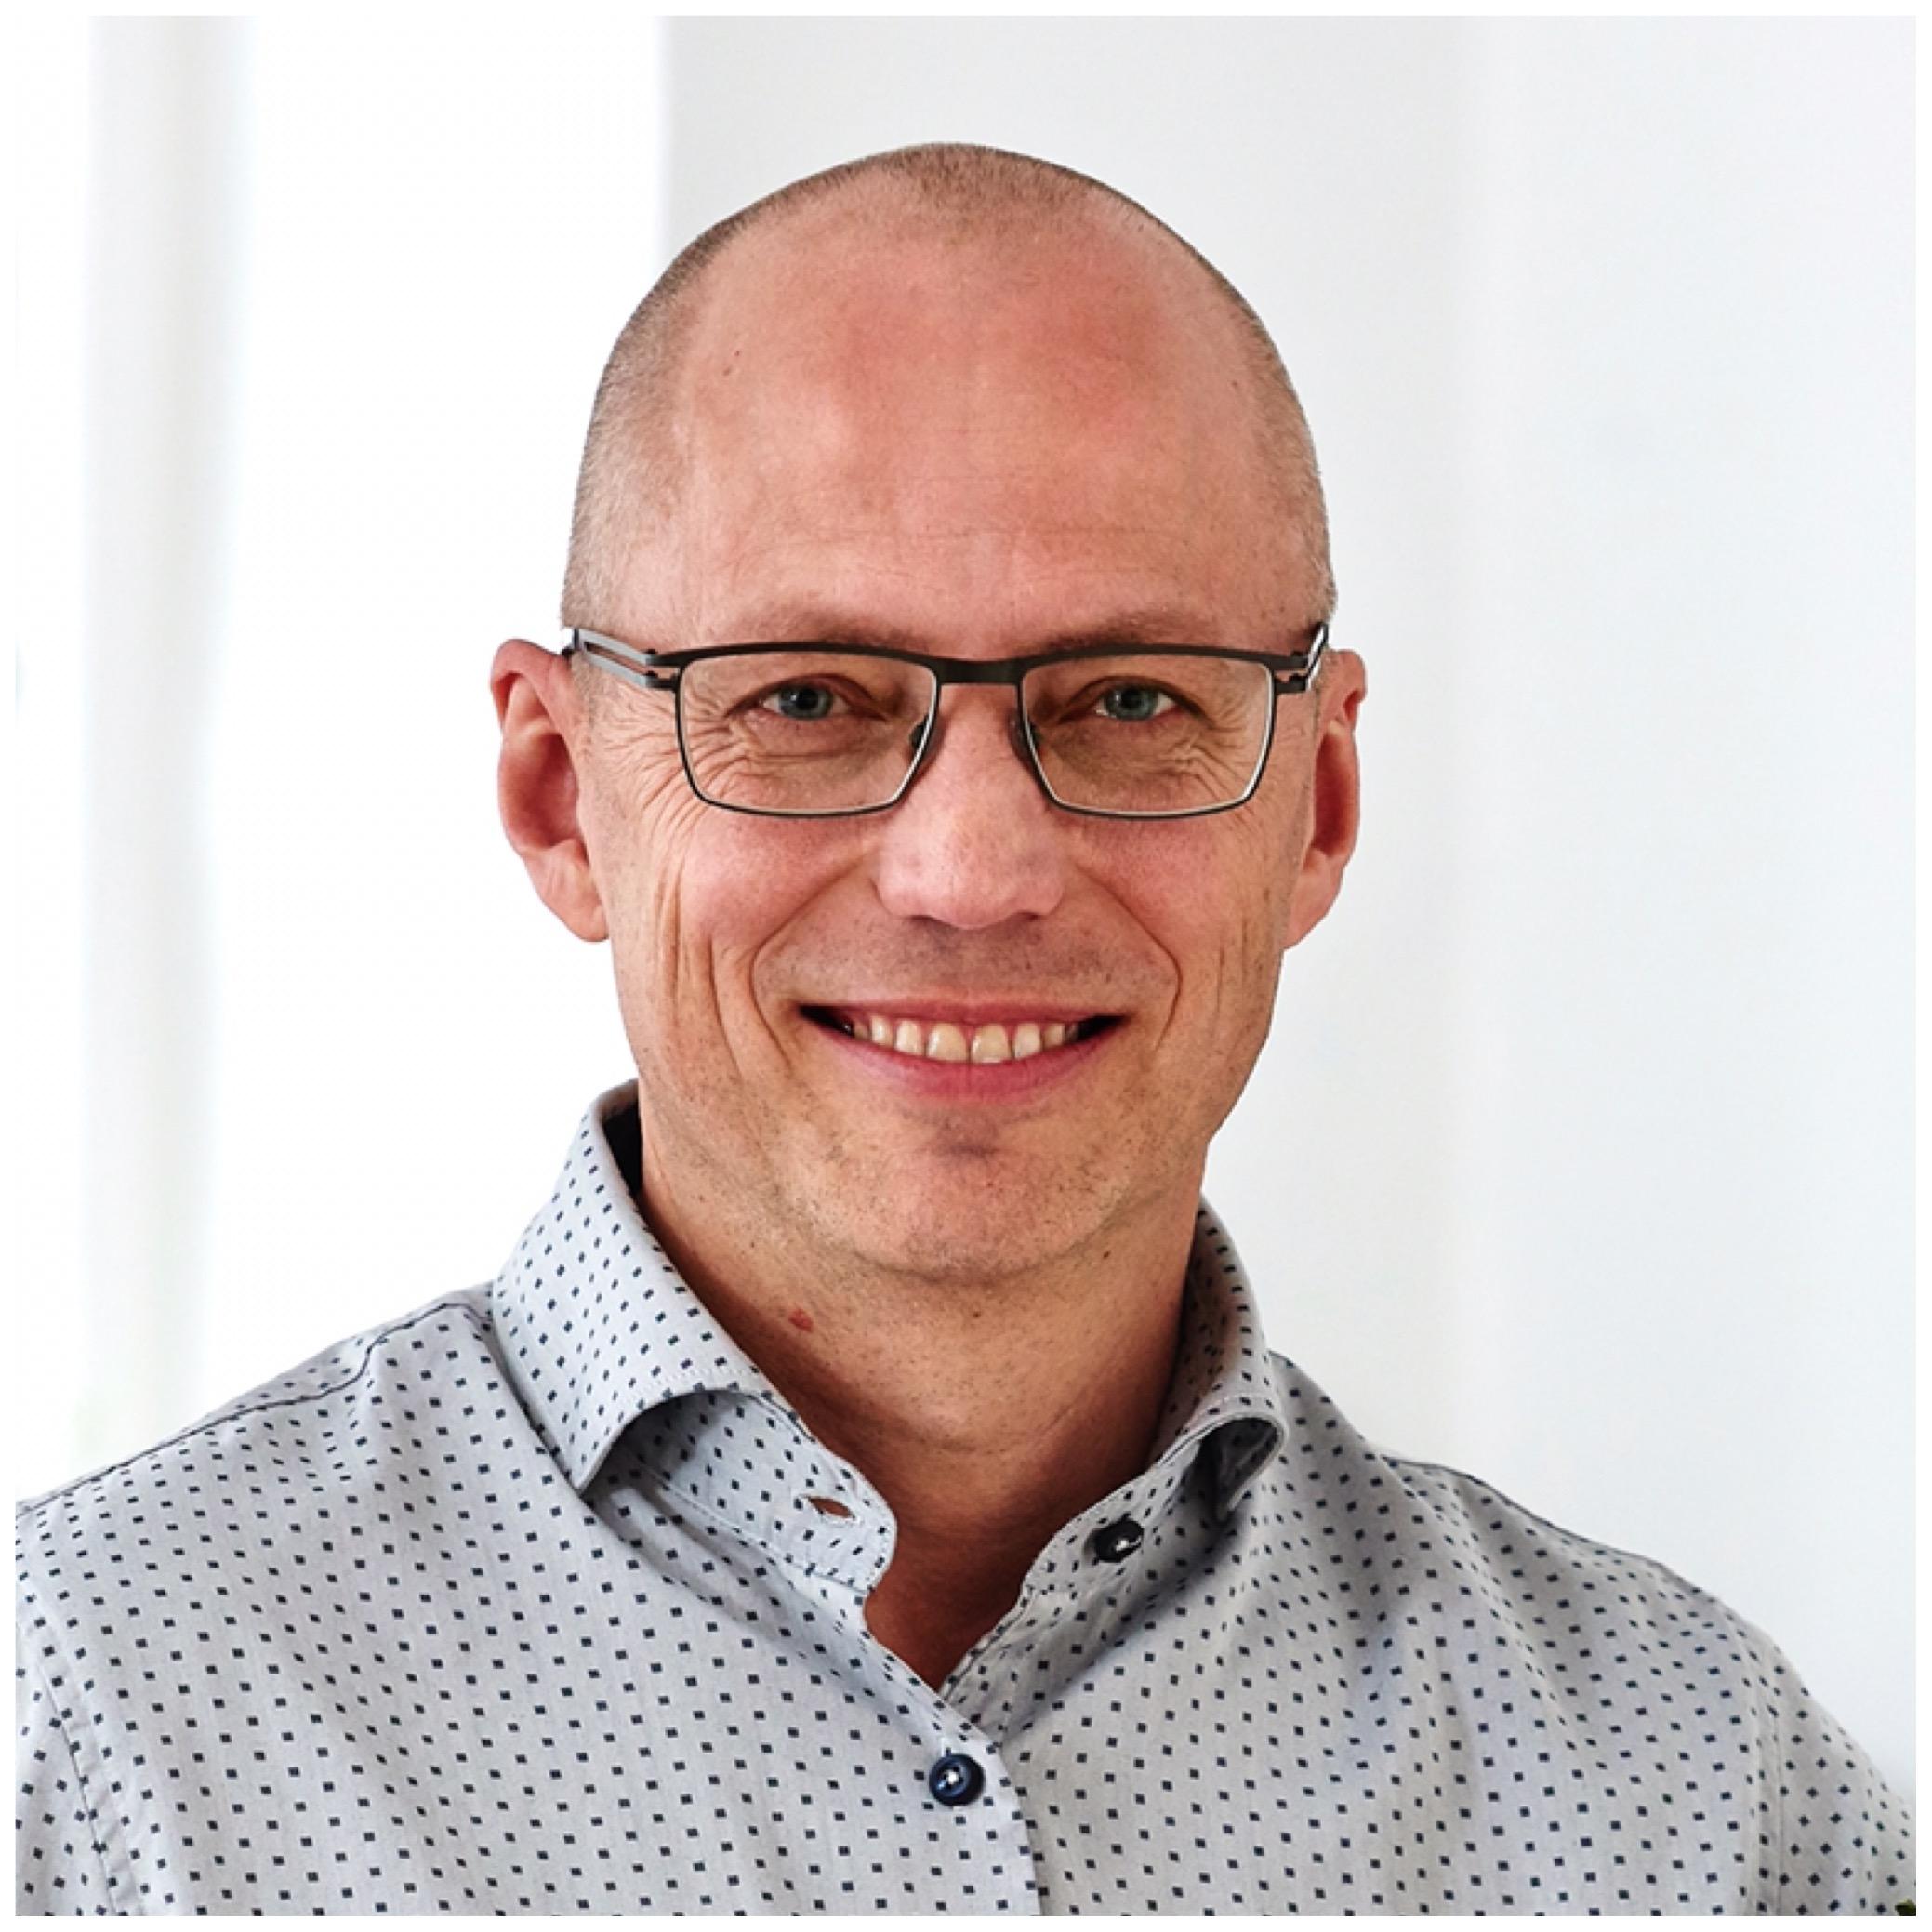 Profilfoto Jesper.jpg